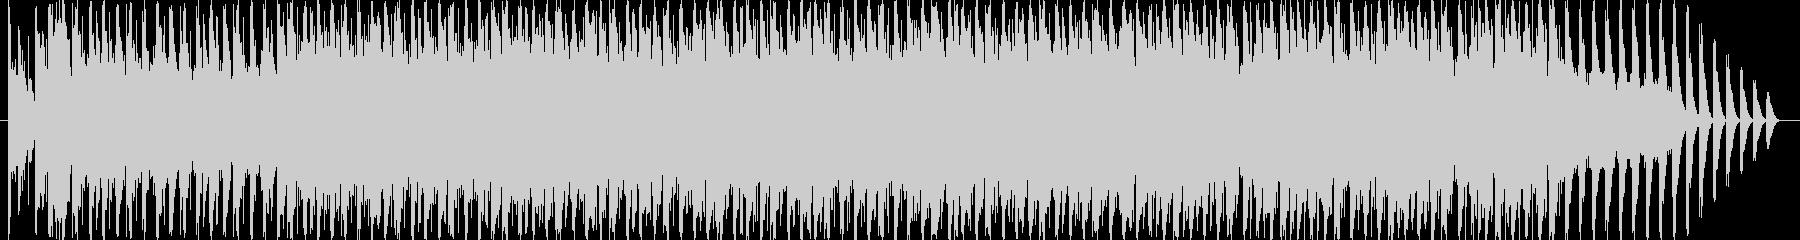 和風とダンステクノを組み合わせたBGM…の未再生の波形